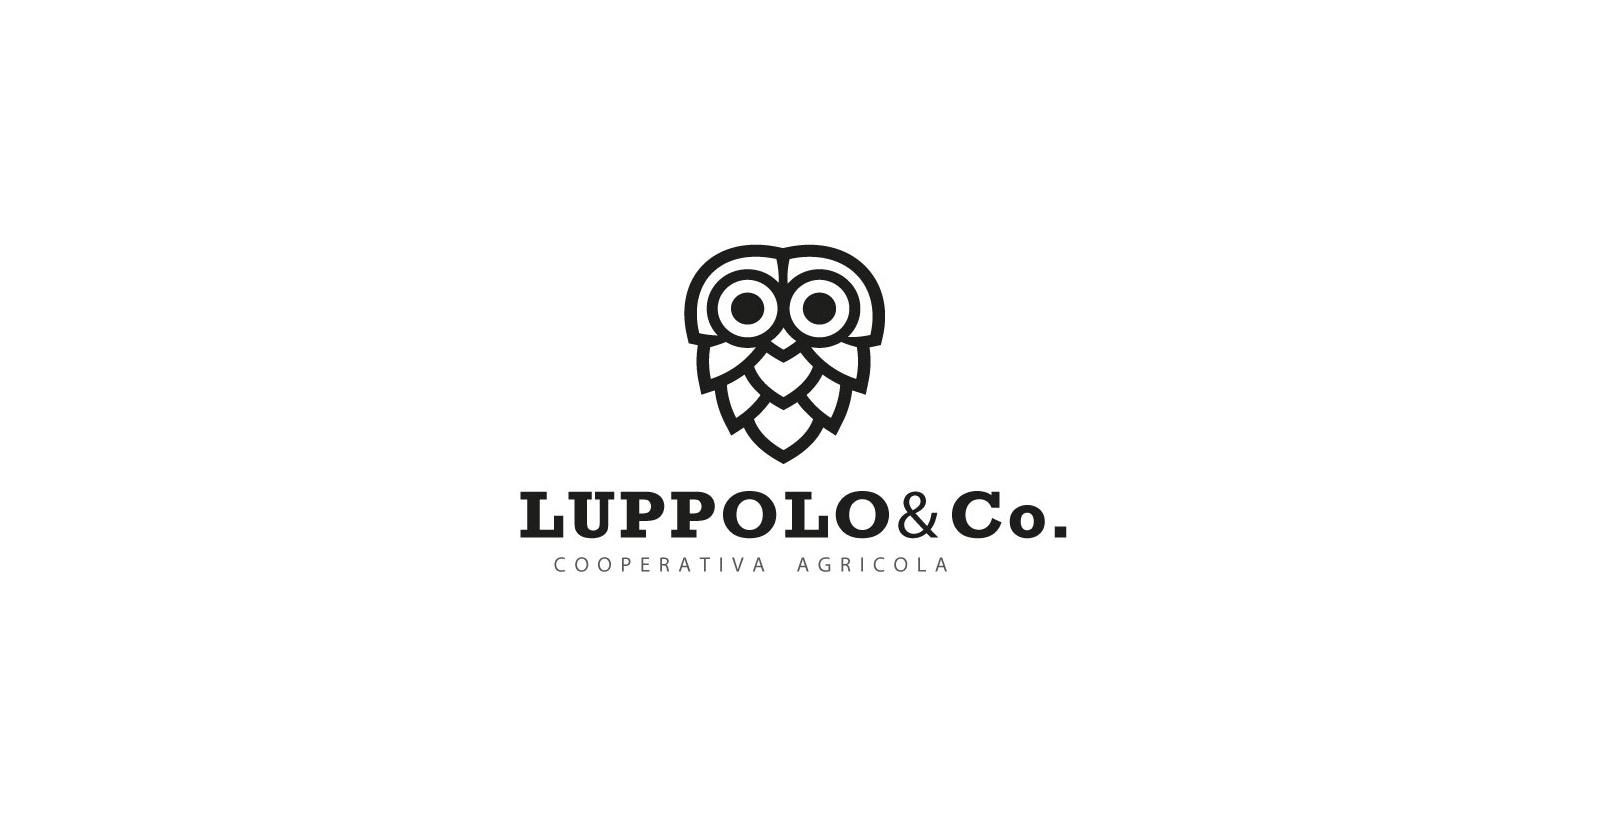 Luppolo&Co. L'unione fa la forza! Una storia tutta italiana per lo sviluppo della coltura in Italia